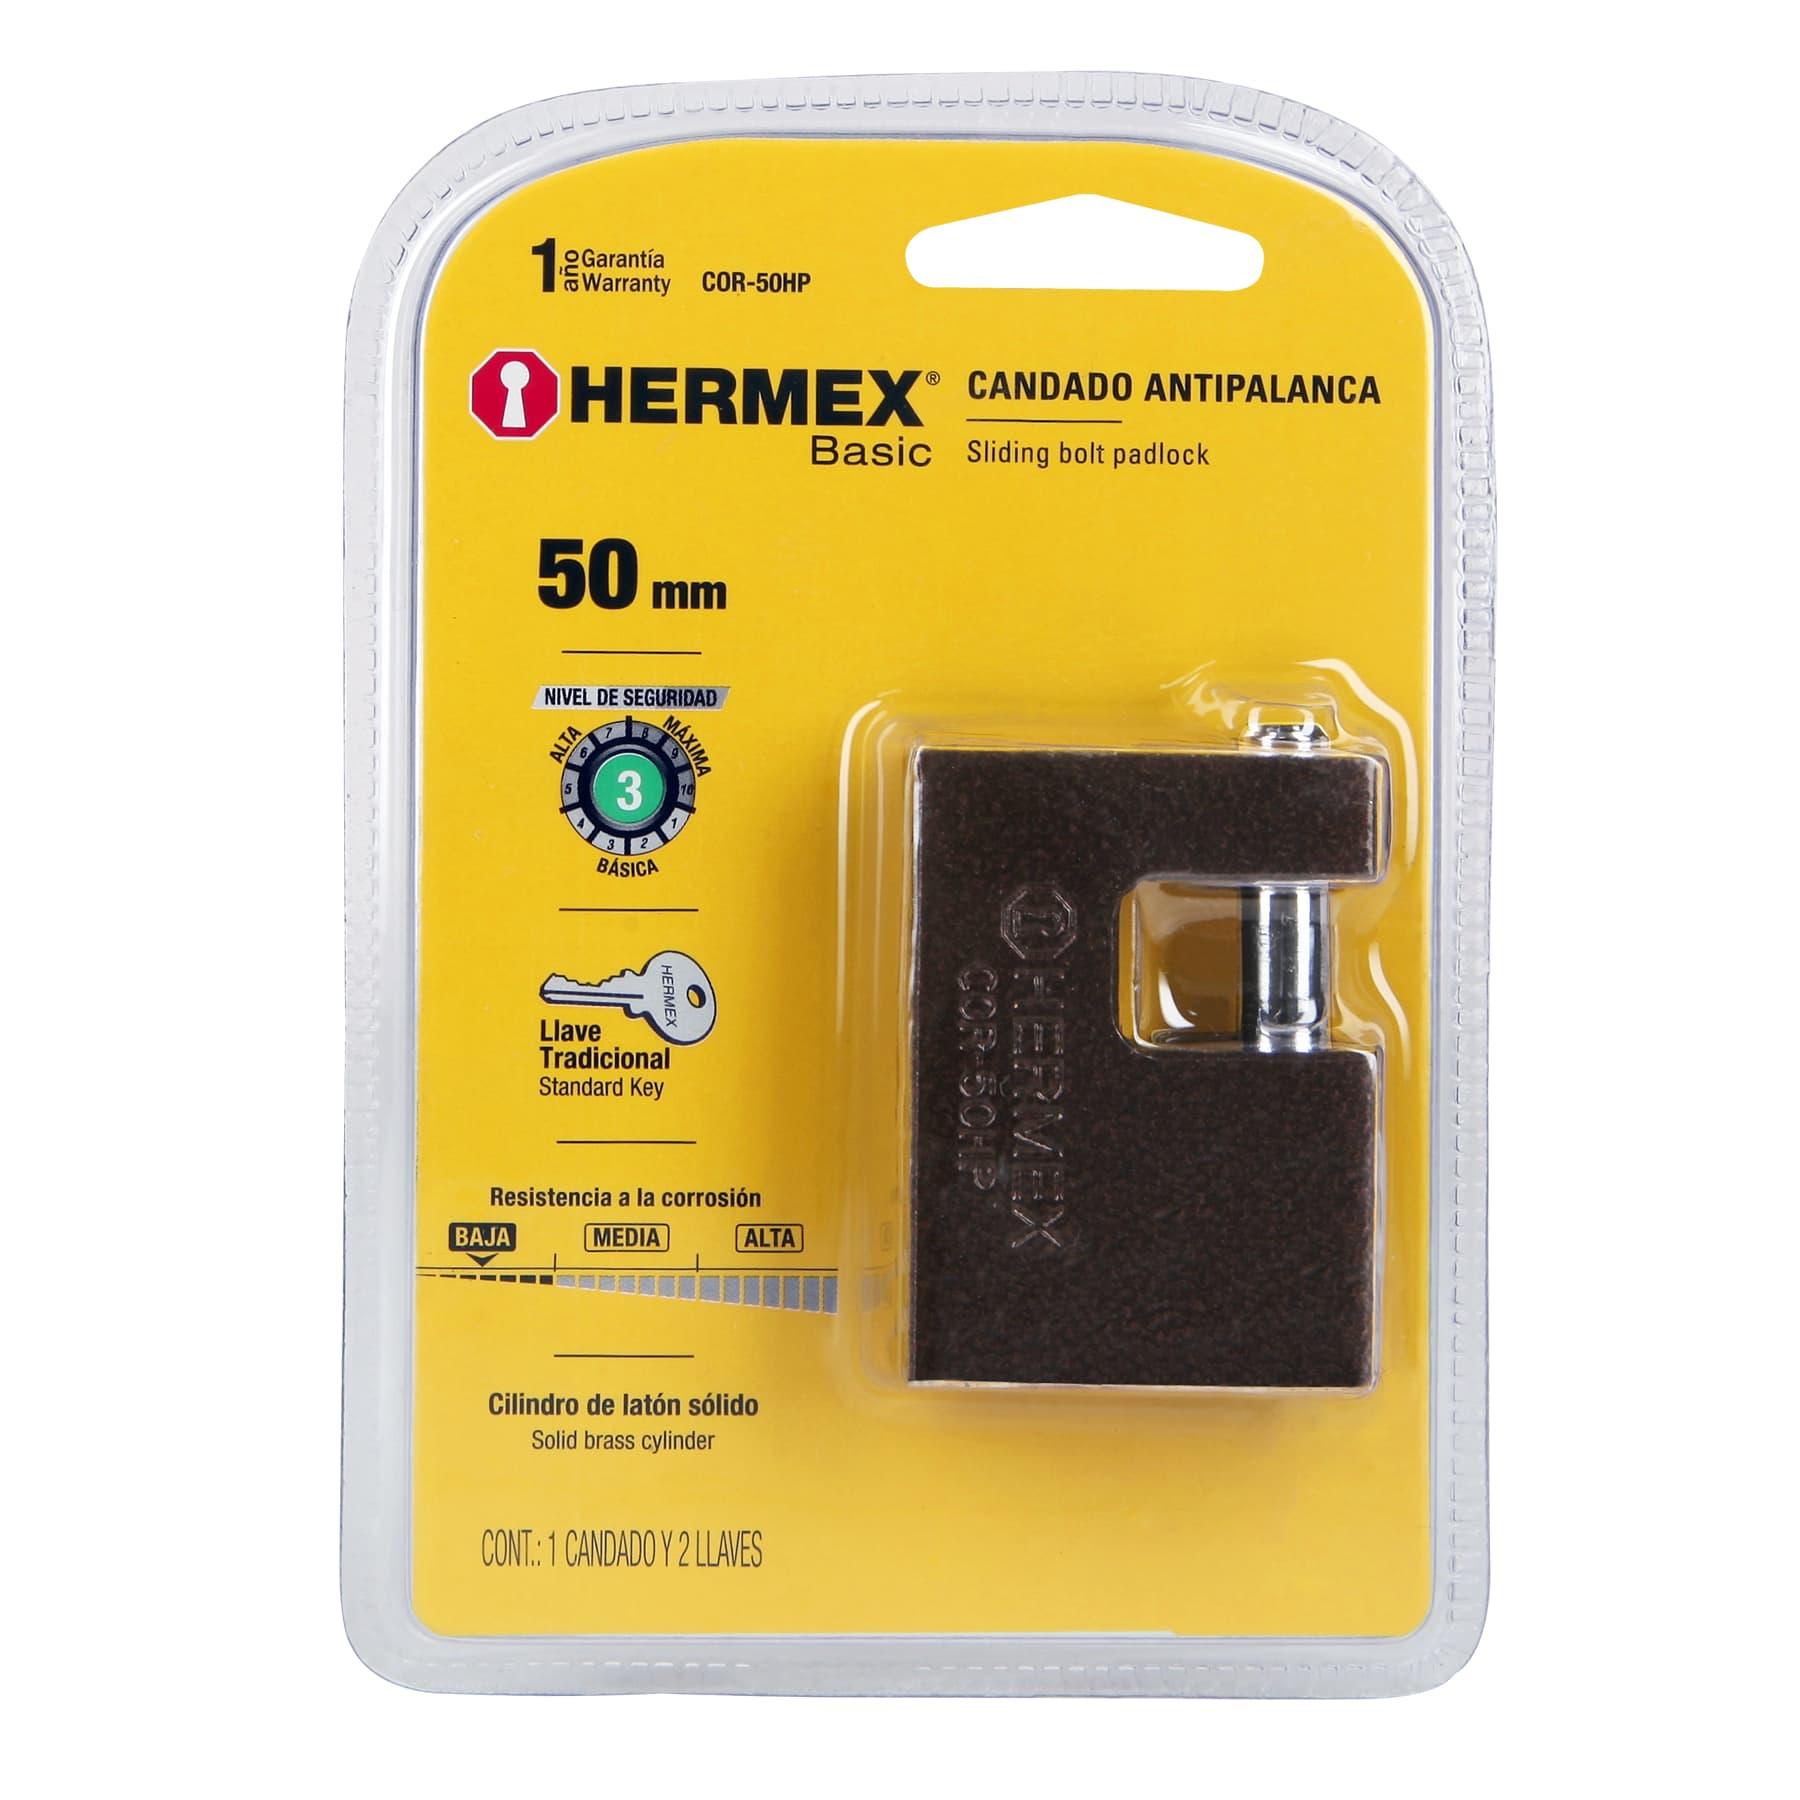 Hermex - Candado antipalanca, 50mm, cuerpo de hierro, Hermex Basic